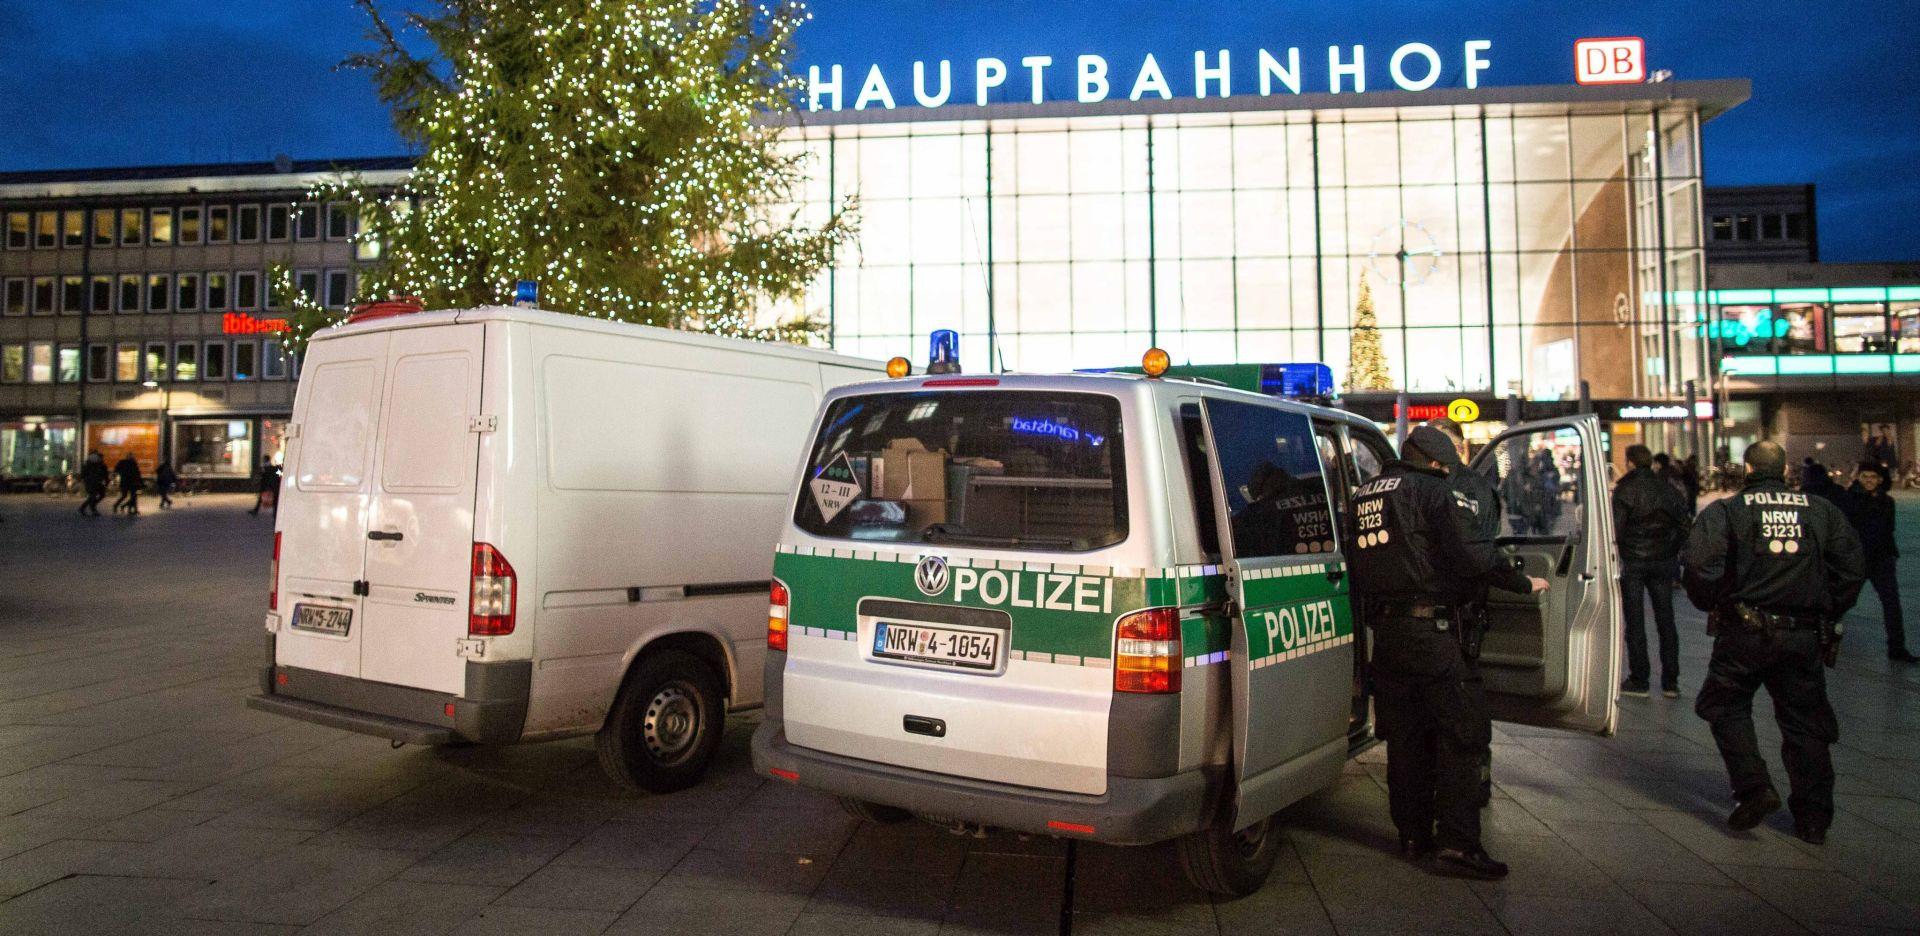 Koeln: policija vodi istragu o 16 osumnjičenih za napade na žene